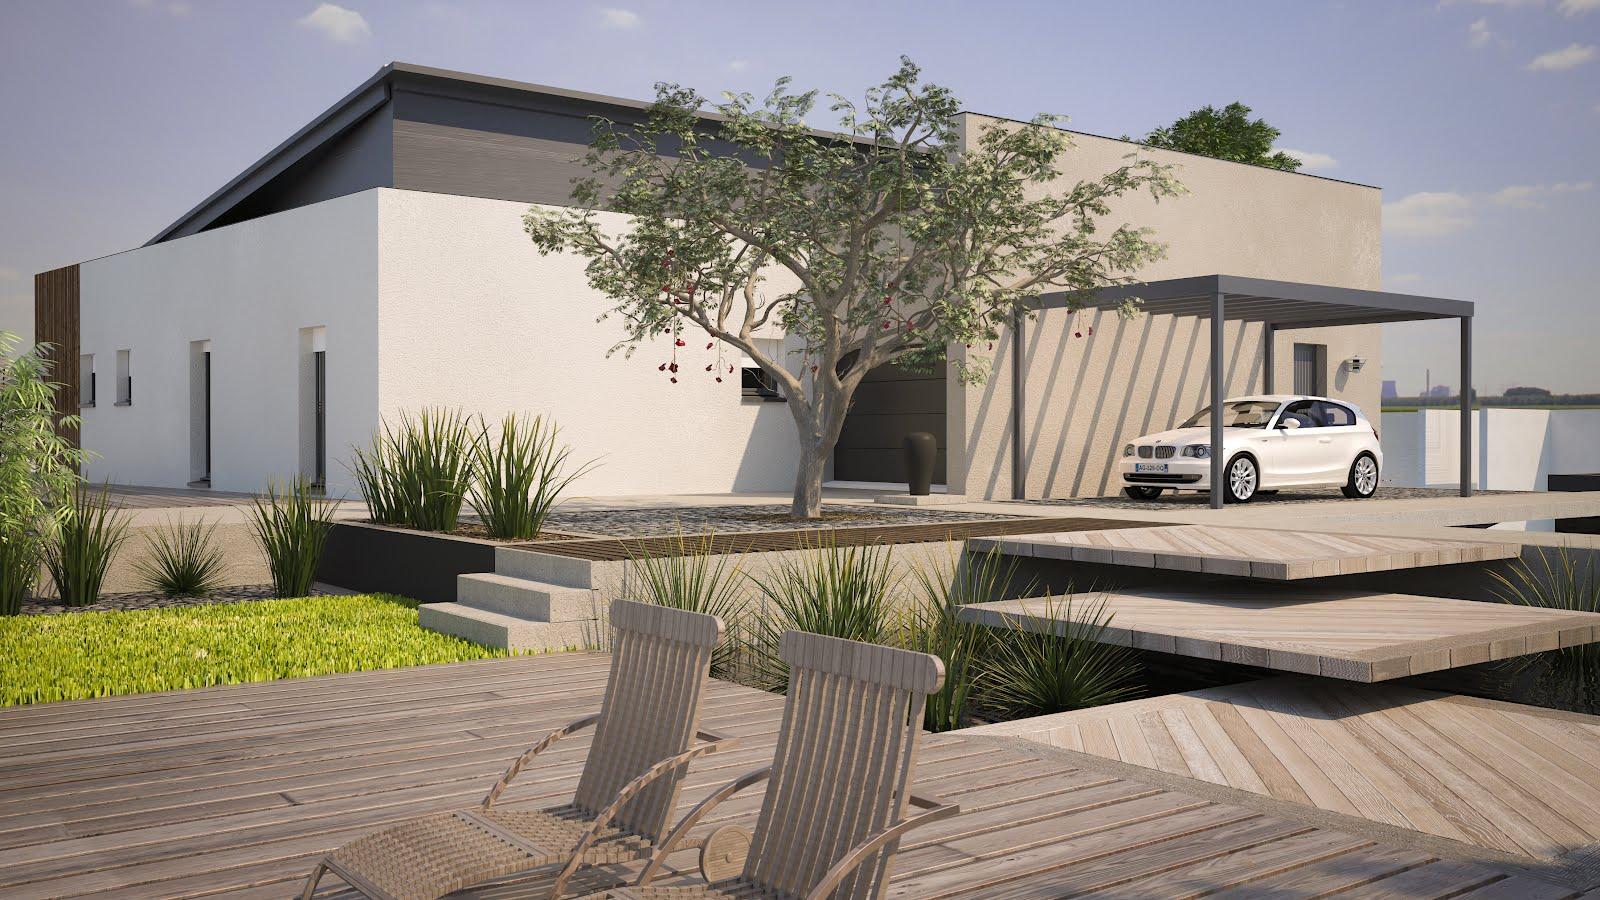 mfc 2020 la maison qui recharge aussi la voiture. Black Bedroom Furniture Sets. Home Design Ideas